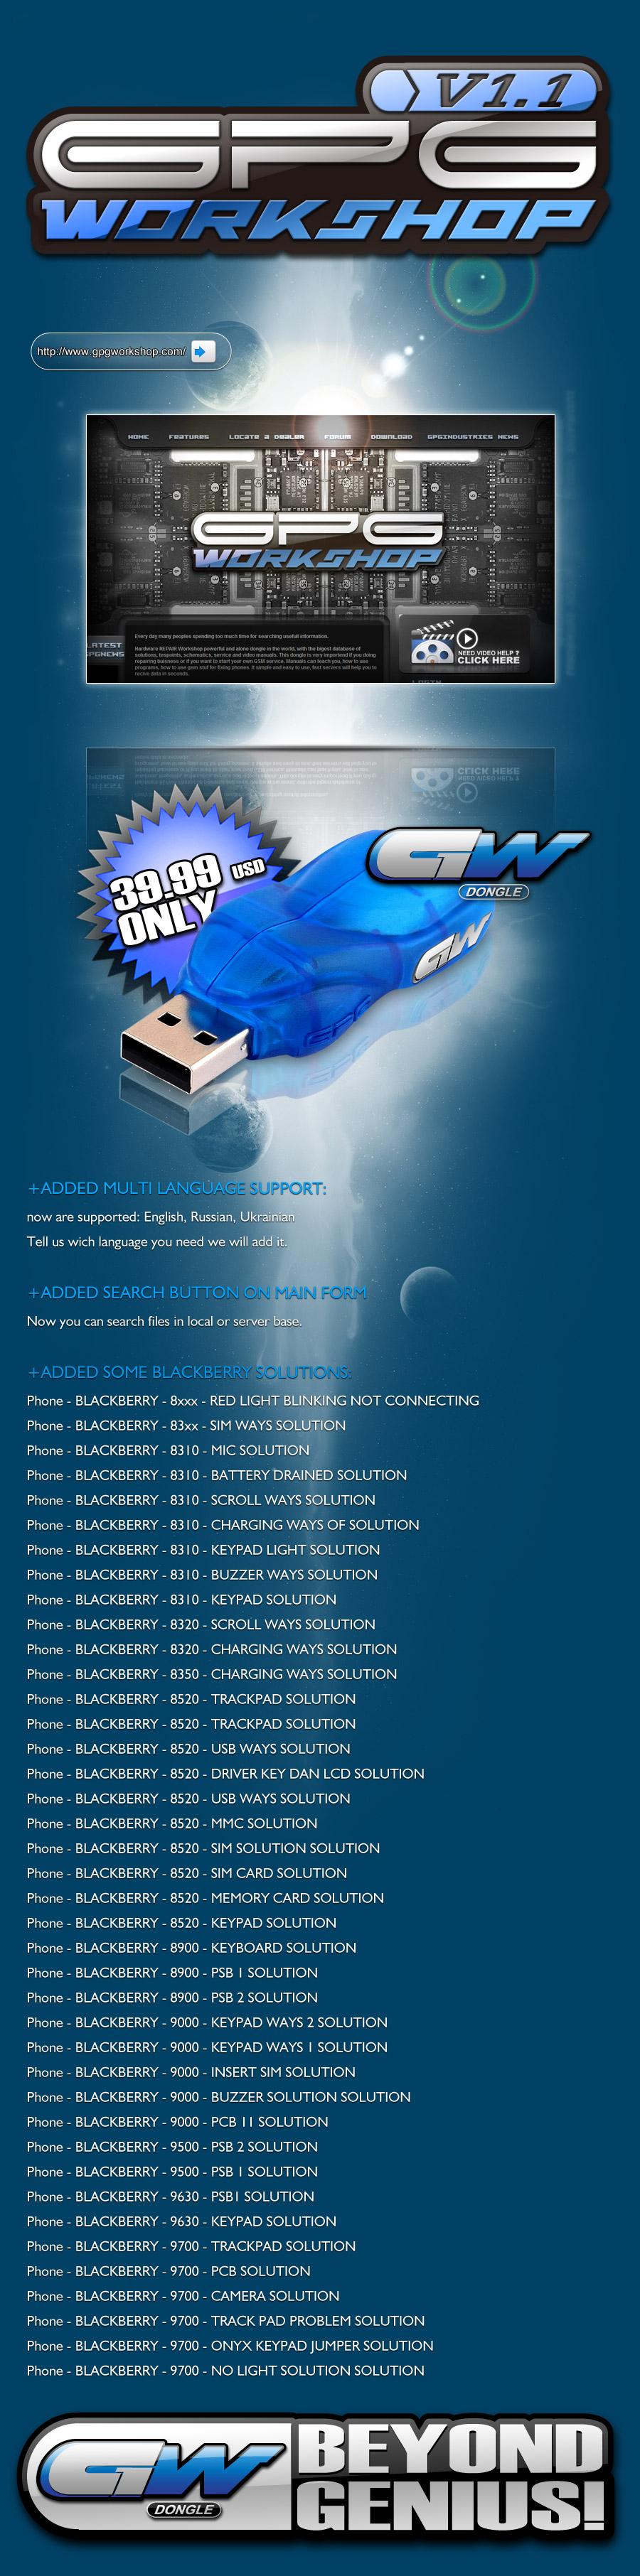 GPGWorkshop Vers 1.1! Beyond Genius!! 2011-05-03-GPG-Workshop-v1.1